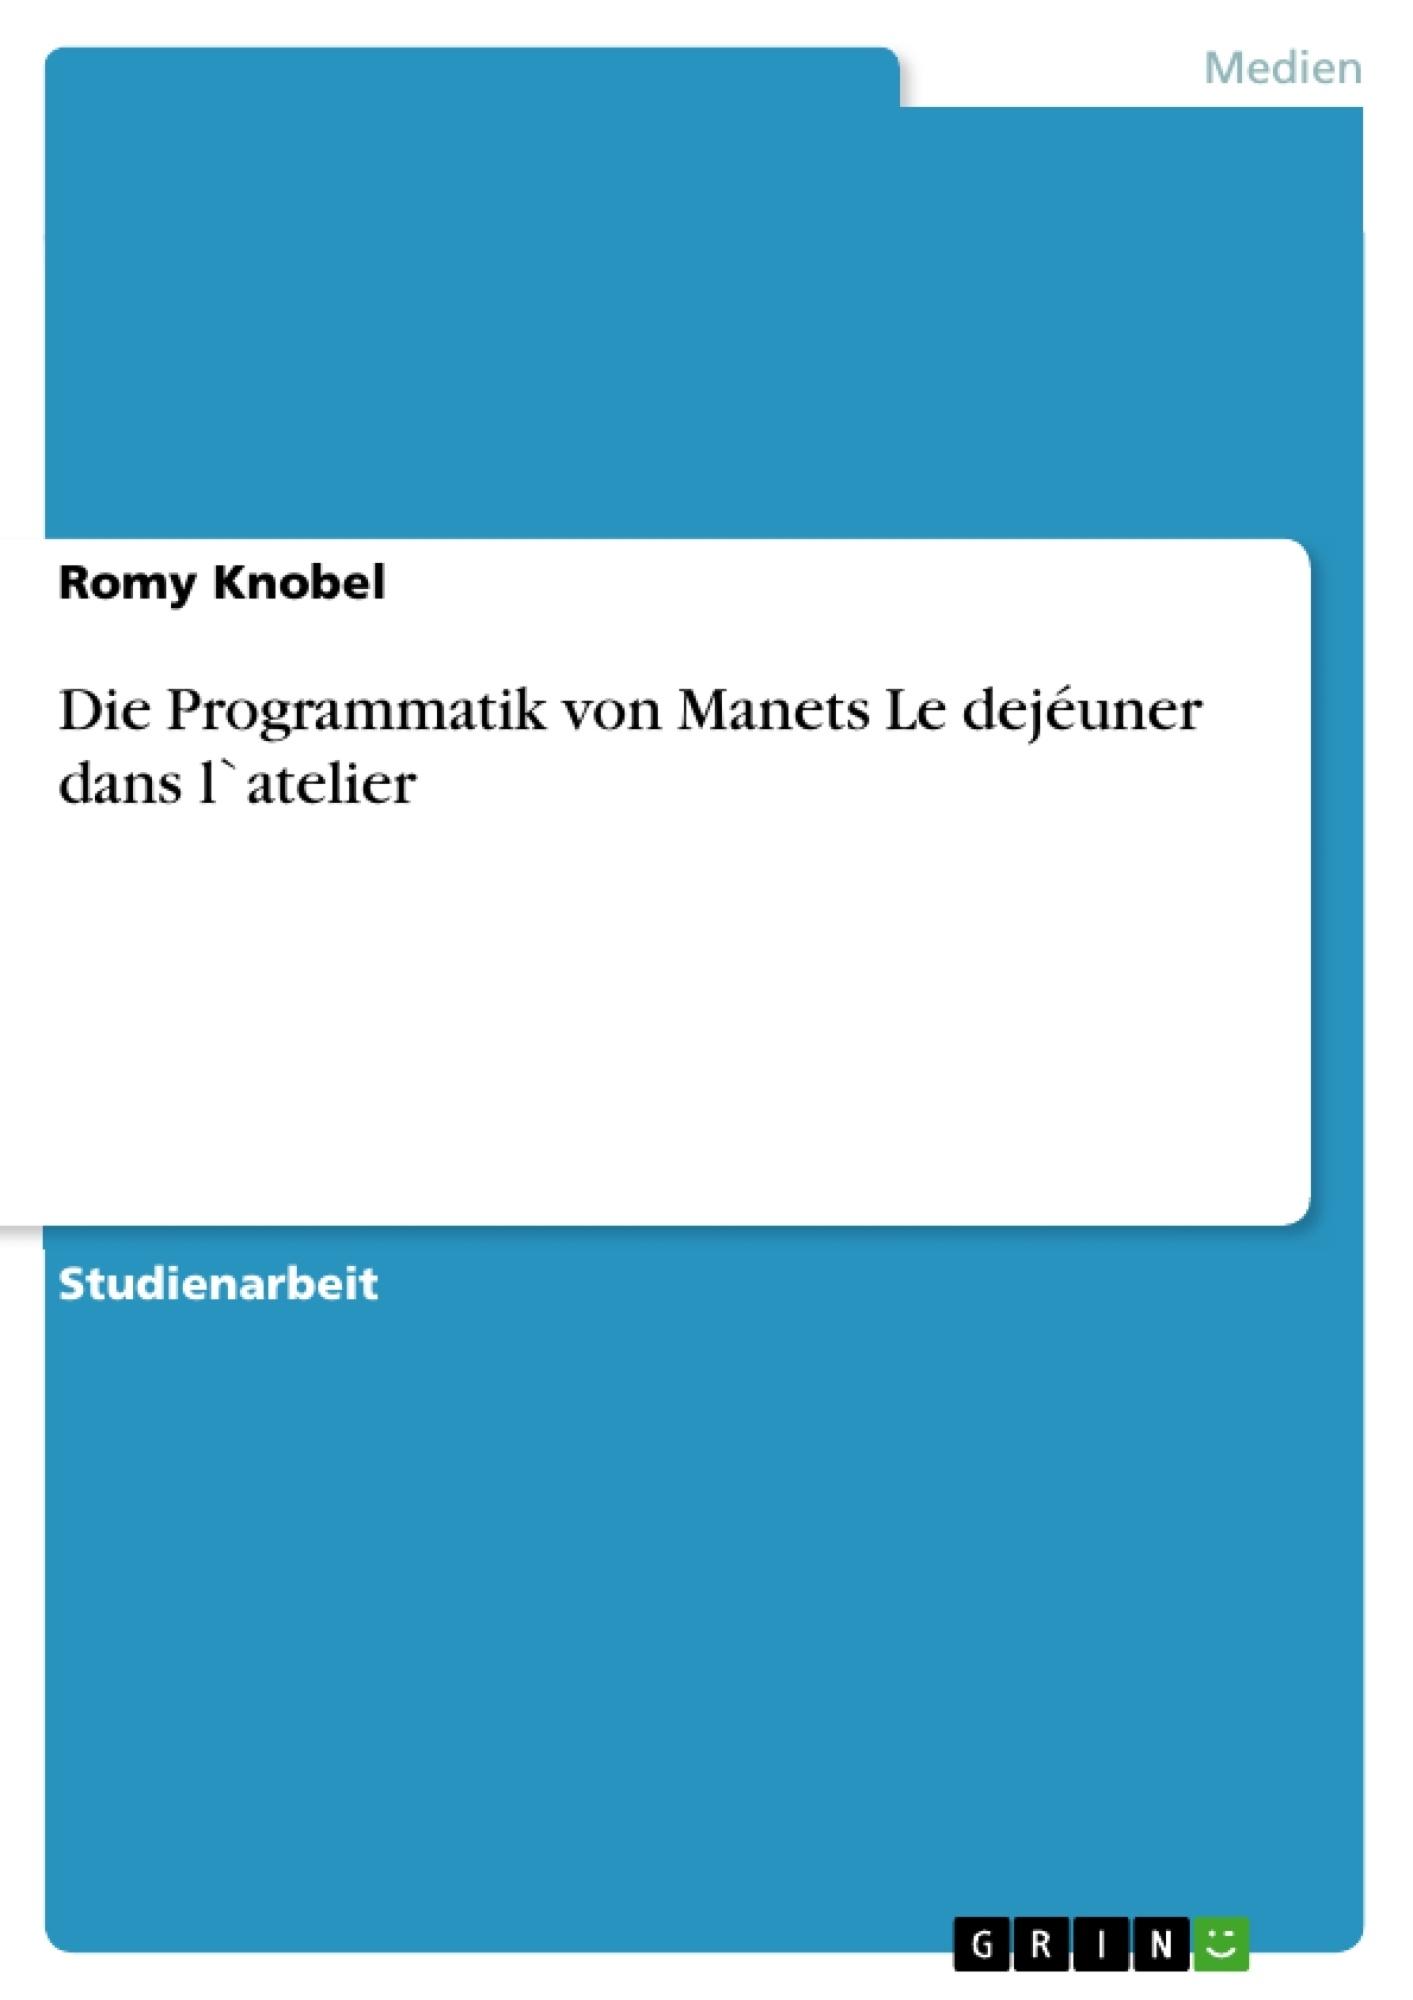 Titel: Die Programmatik von Manets Le dejéuner dans l`atelier